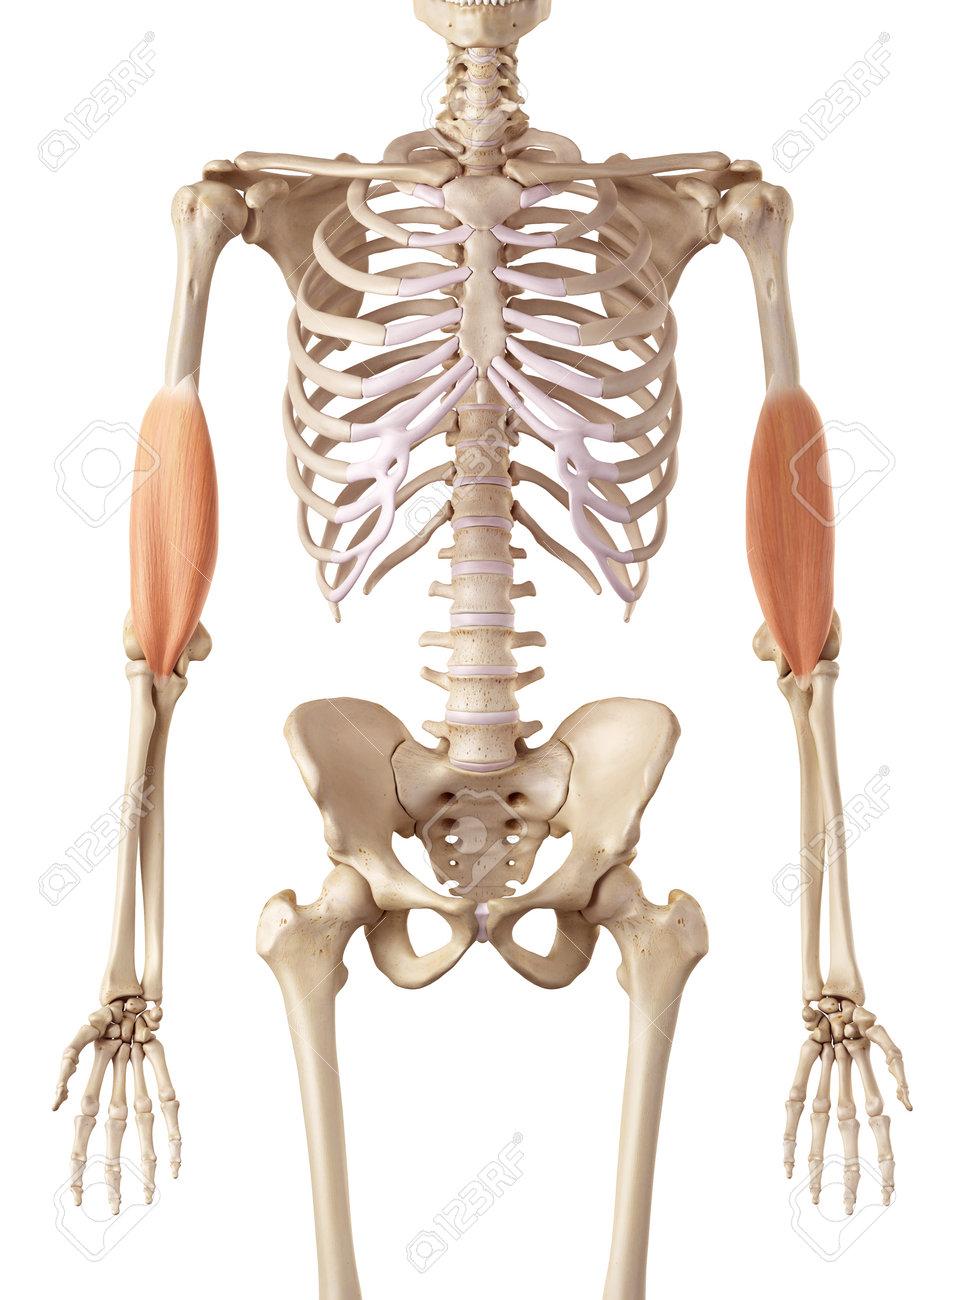 Ausgezeichnet Die Körperbild Organe Zeitgenössisch - Anatomie Ideen ...